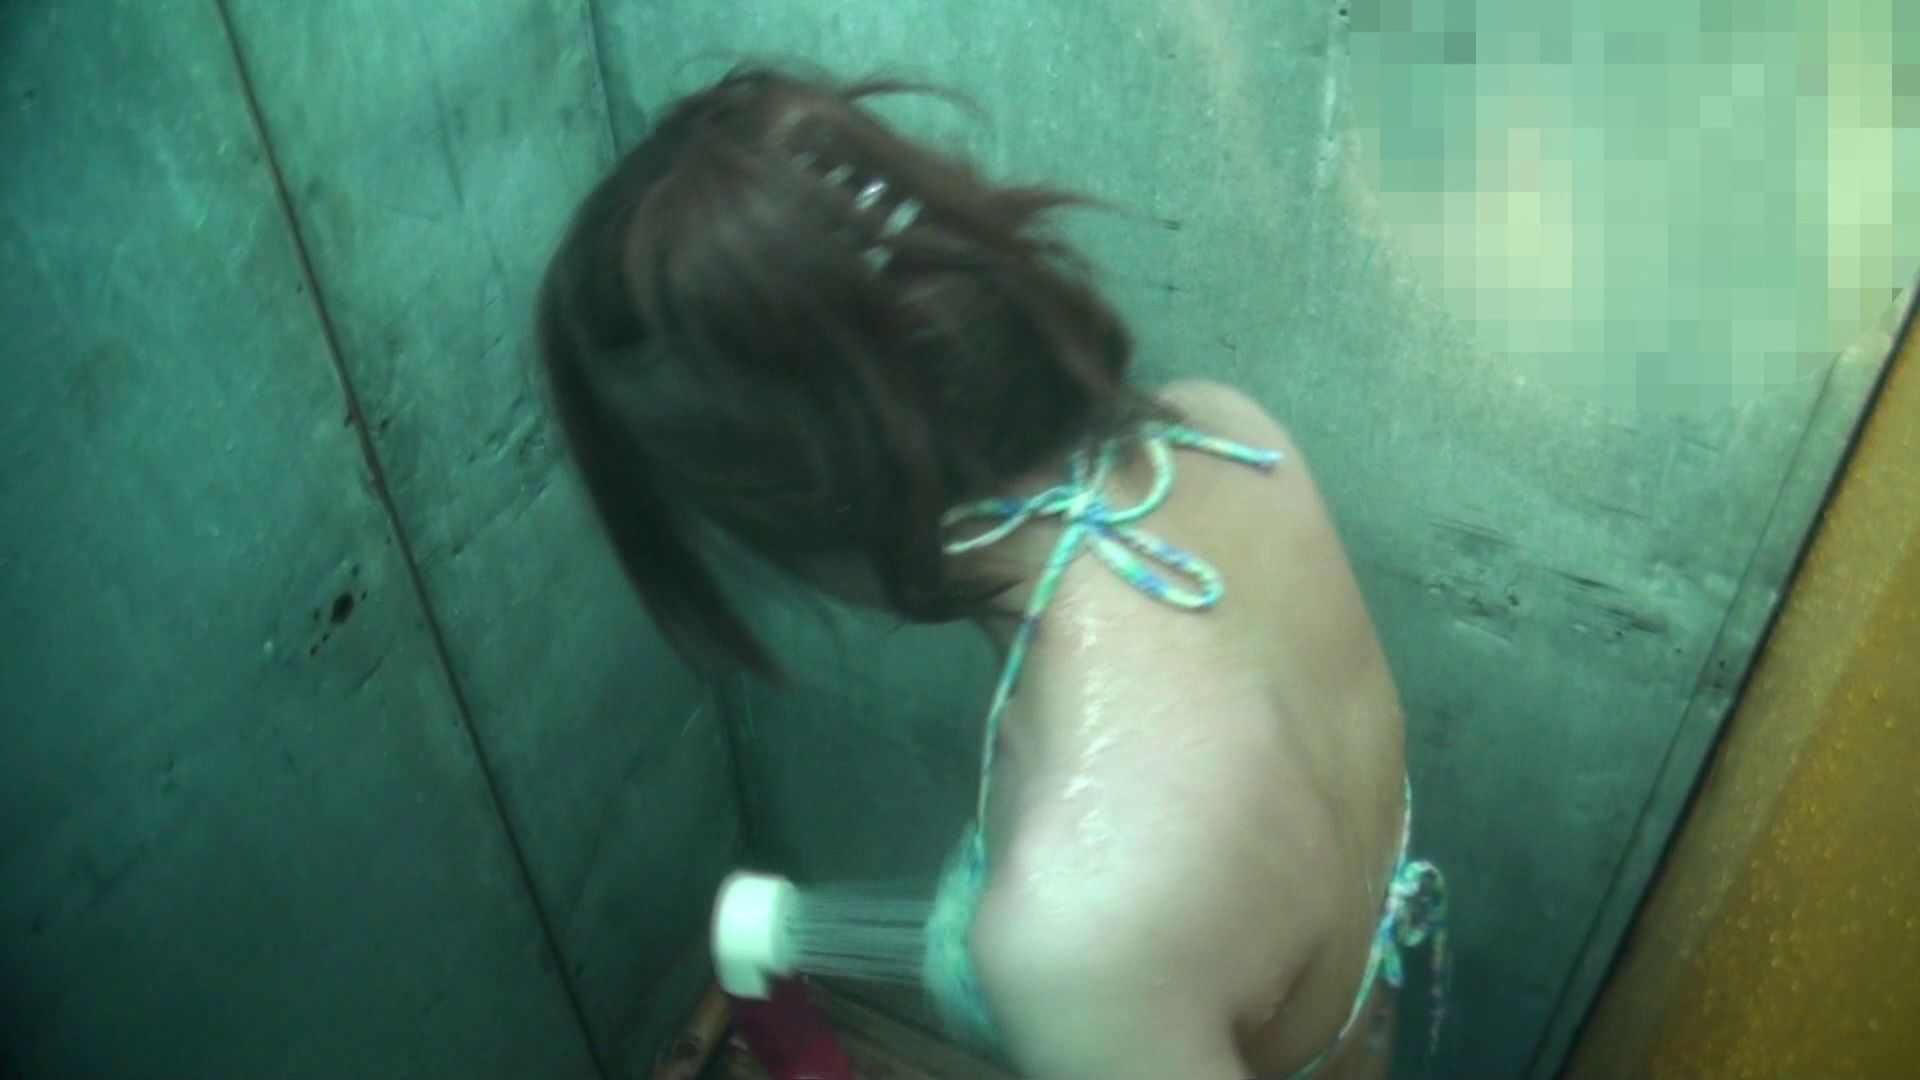 シャワールームは超!!危険な香りVol.15 残念ですが乳首未確認 マンコの砂は入念に OLの実態 盗撮アダルト動画キャプチャ 41pic 12